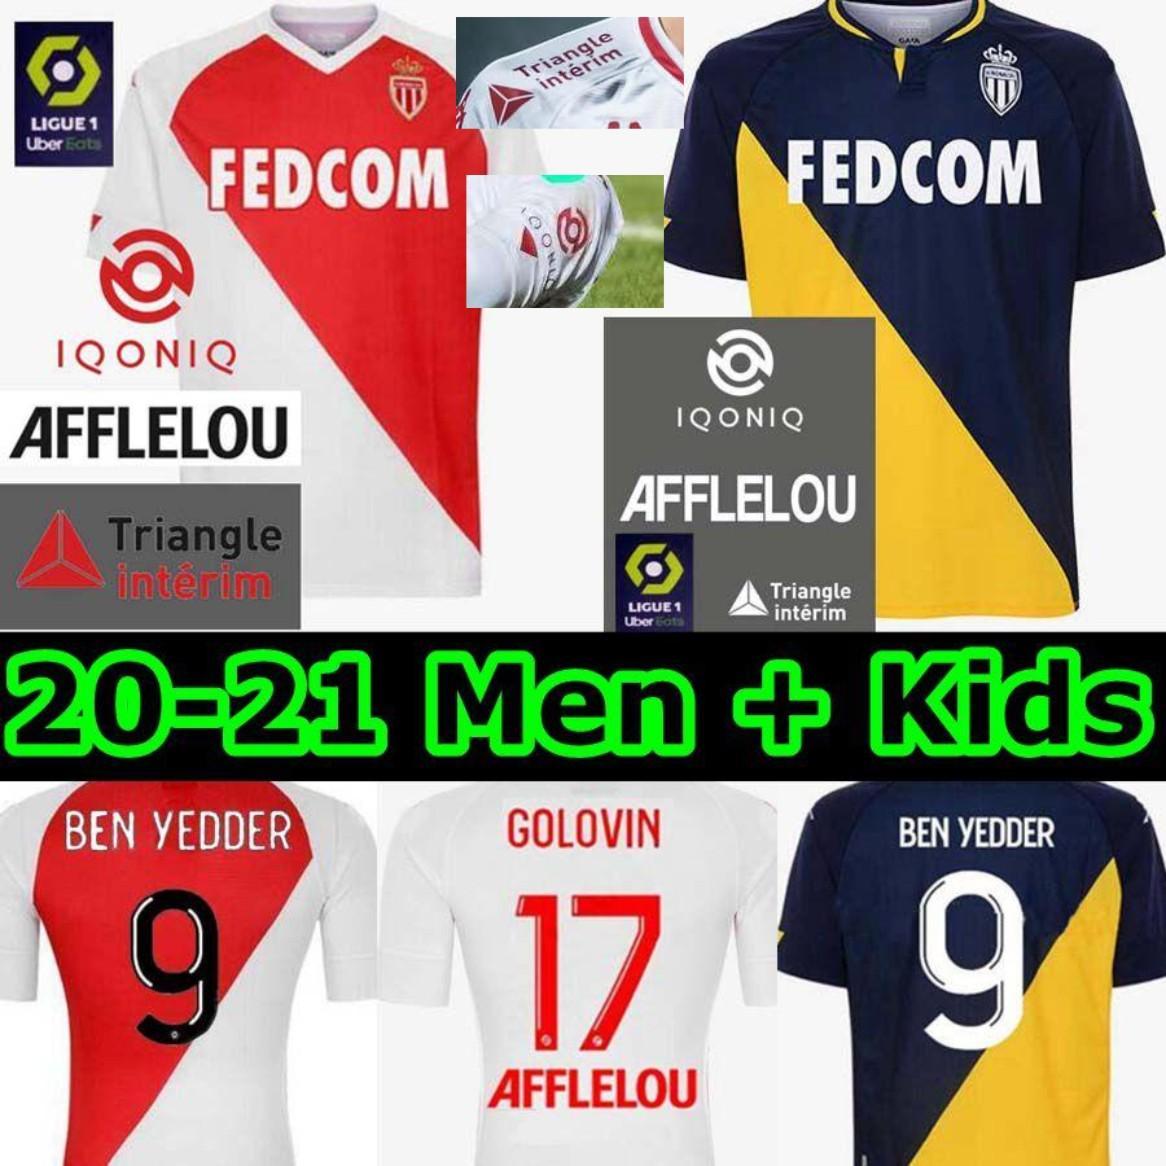 MONACO FRANCIA MILLOTS DE FOOT 20 21 AS MONACO Jerseys de fútbol Keita Balde Ben Yedder Gelson Home Weew Fabreags Golovin Hombres Camisa de fútbol